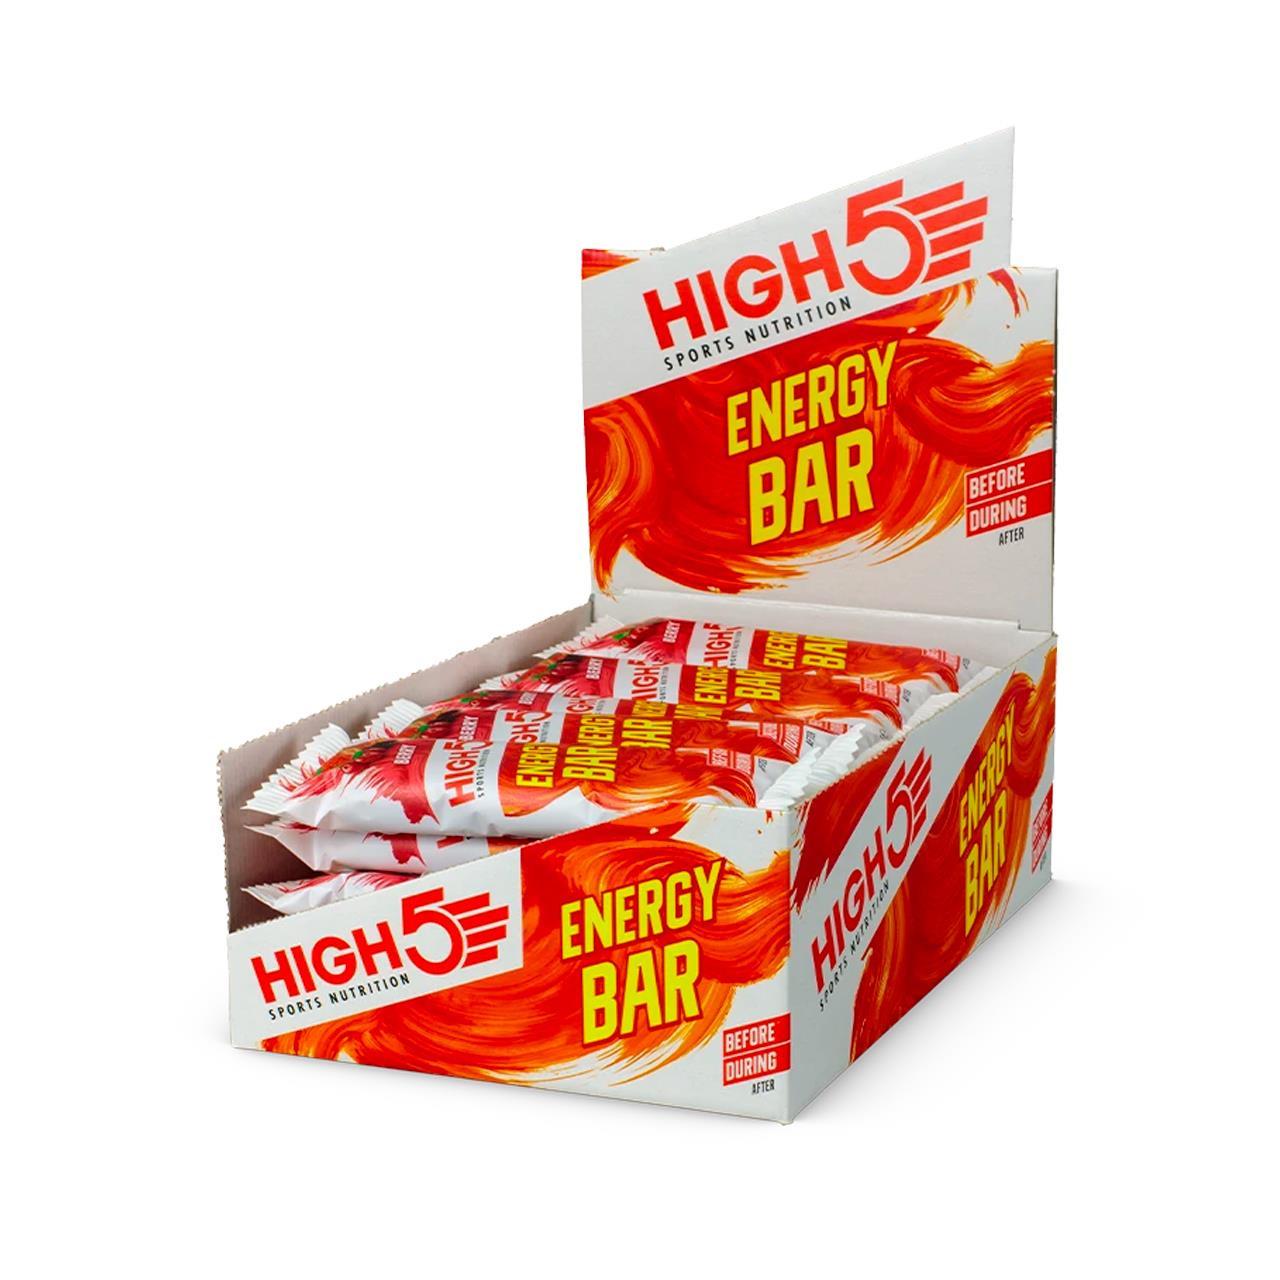 High 5 Energy Bar, 25 Pack (Berry)